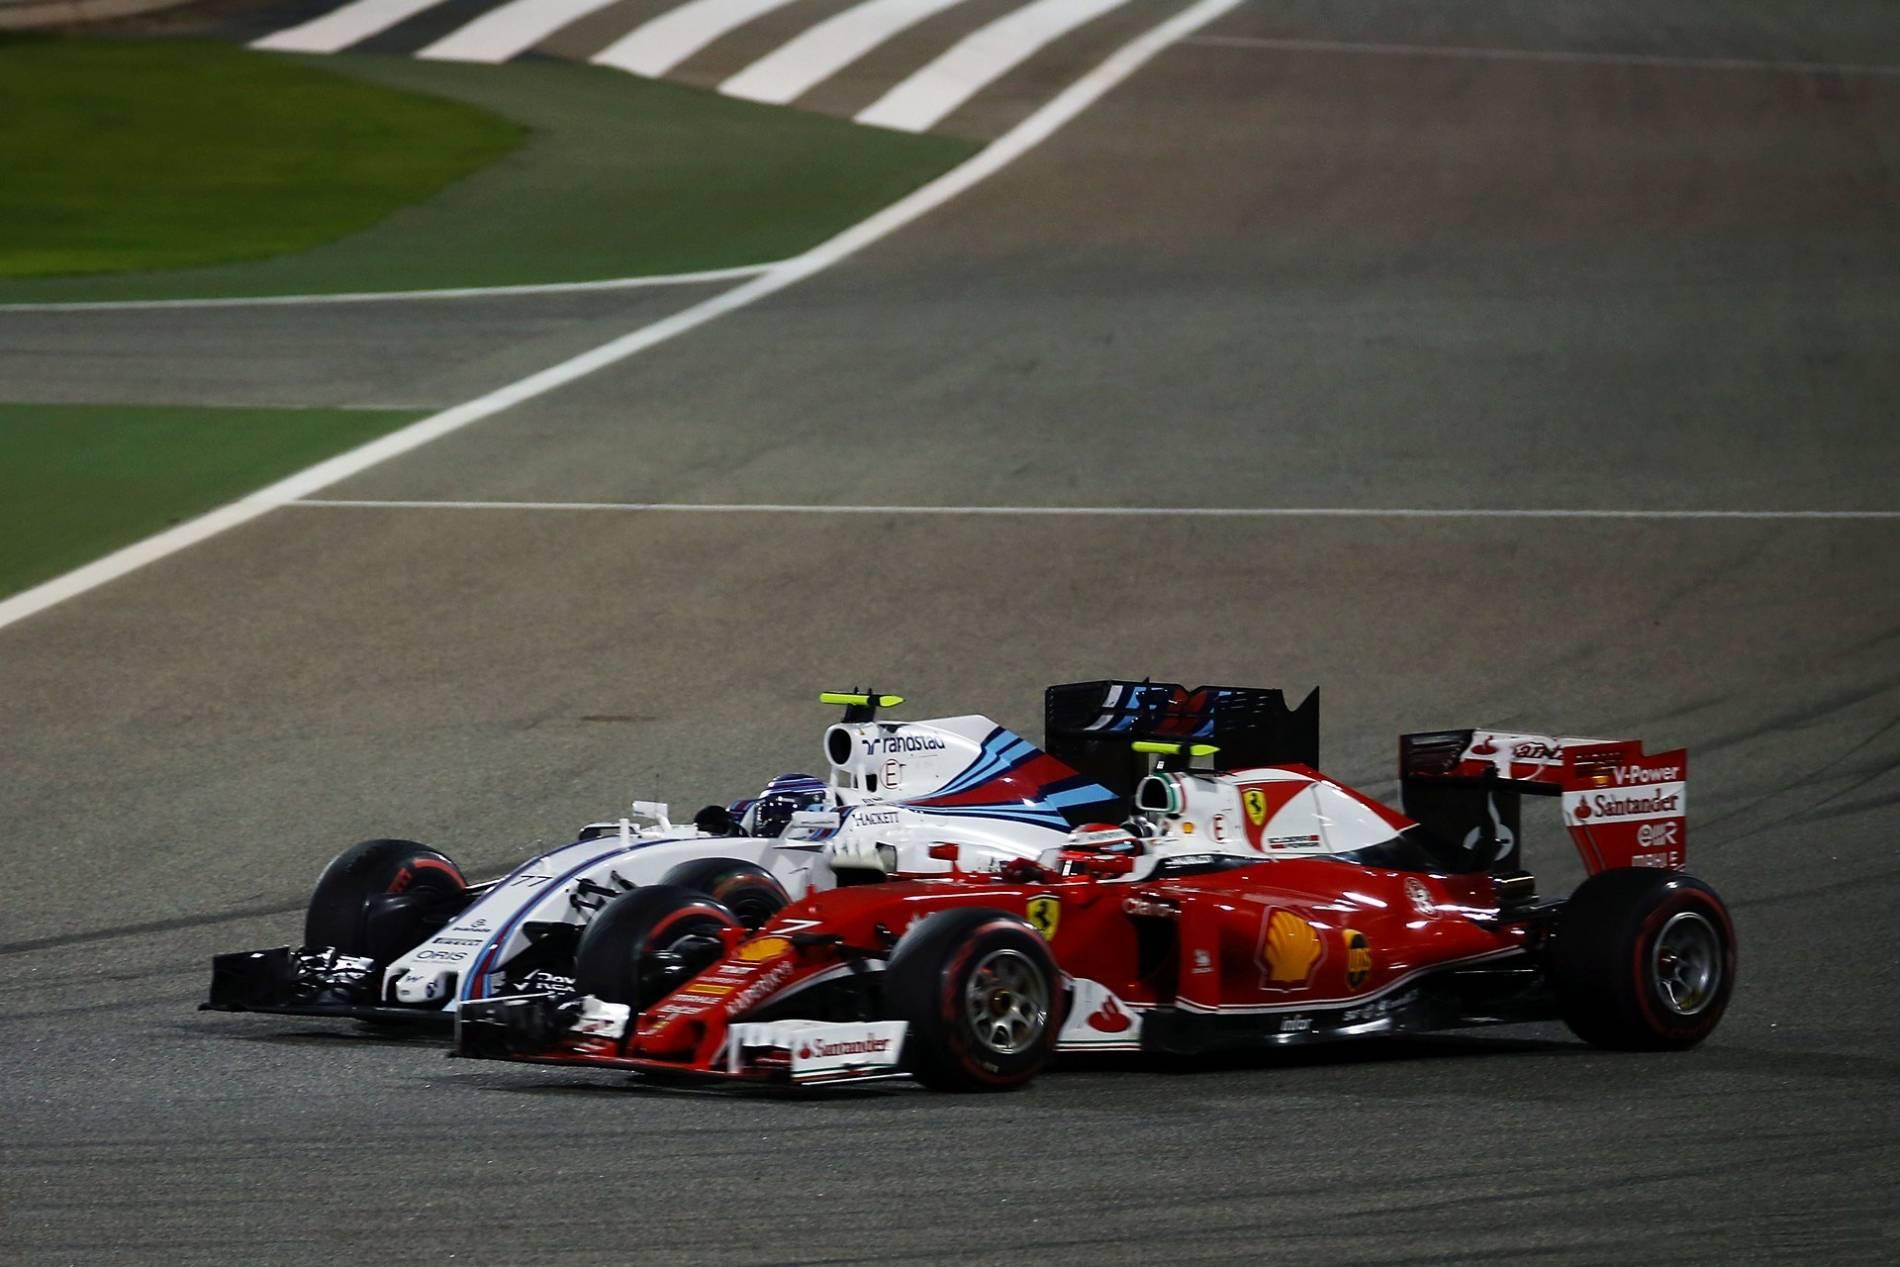 Kimi Raikkonen Valtteri Bottas Bahrain GP F1 2016 foto f1fanatic